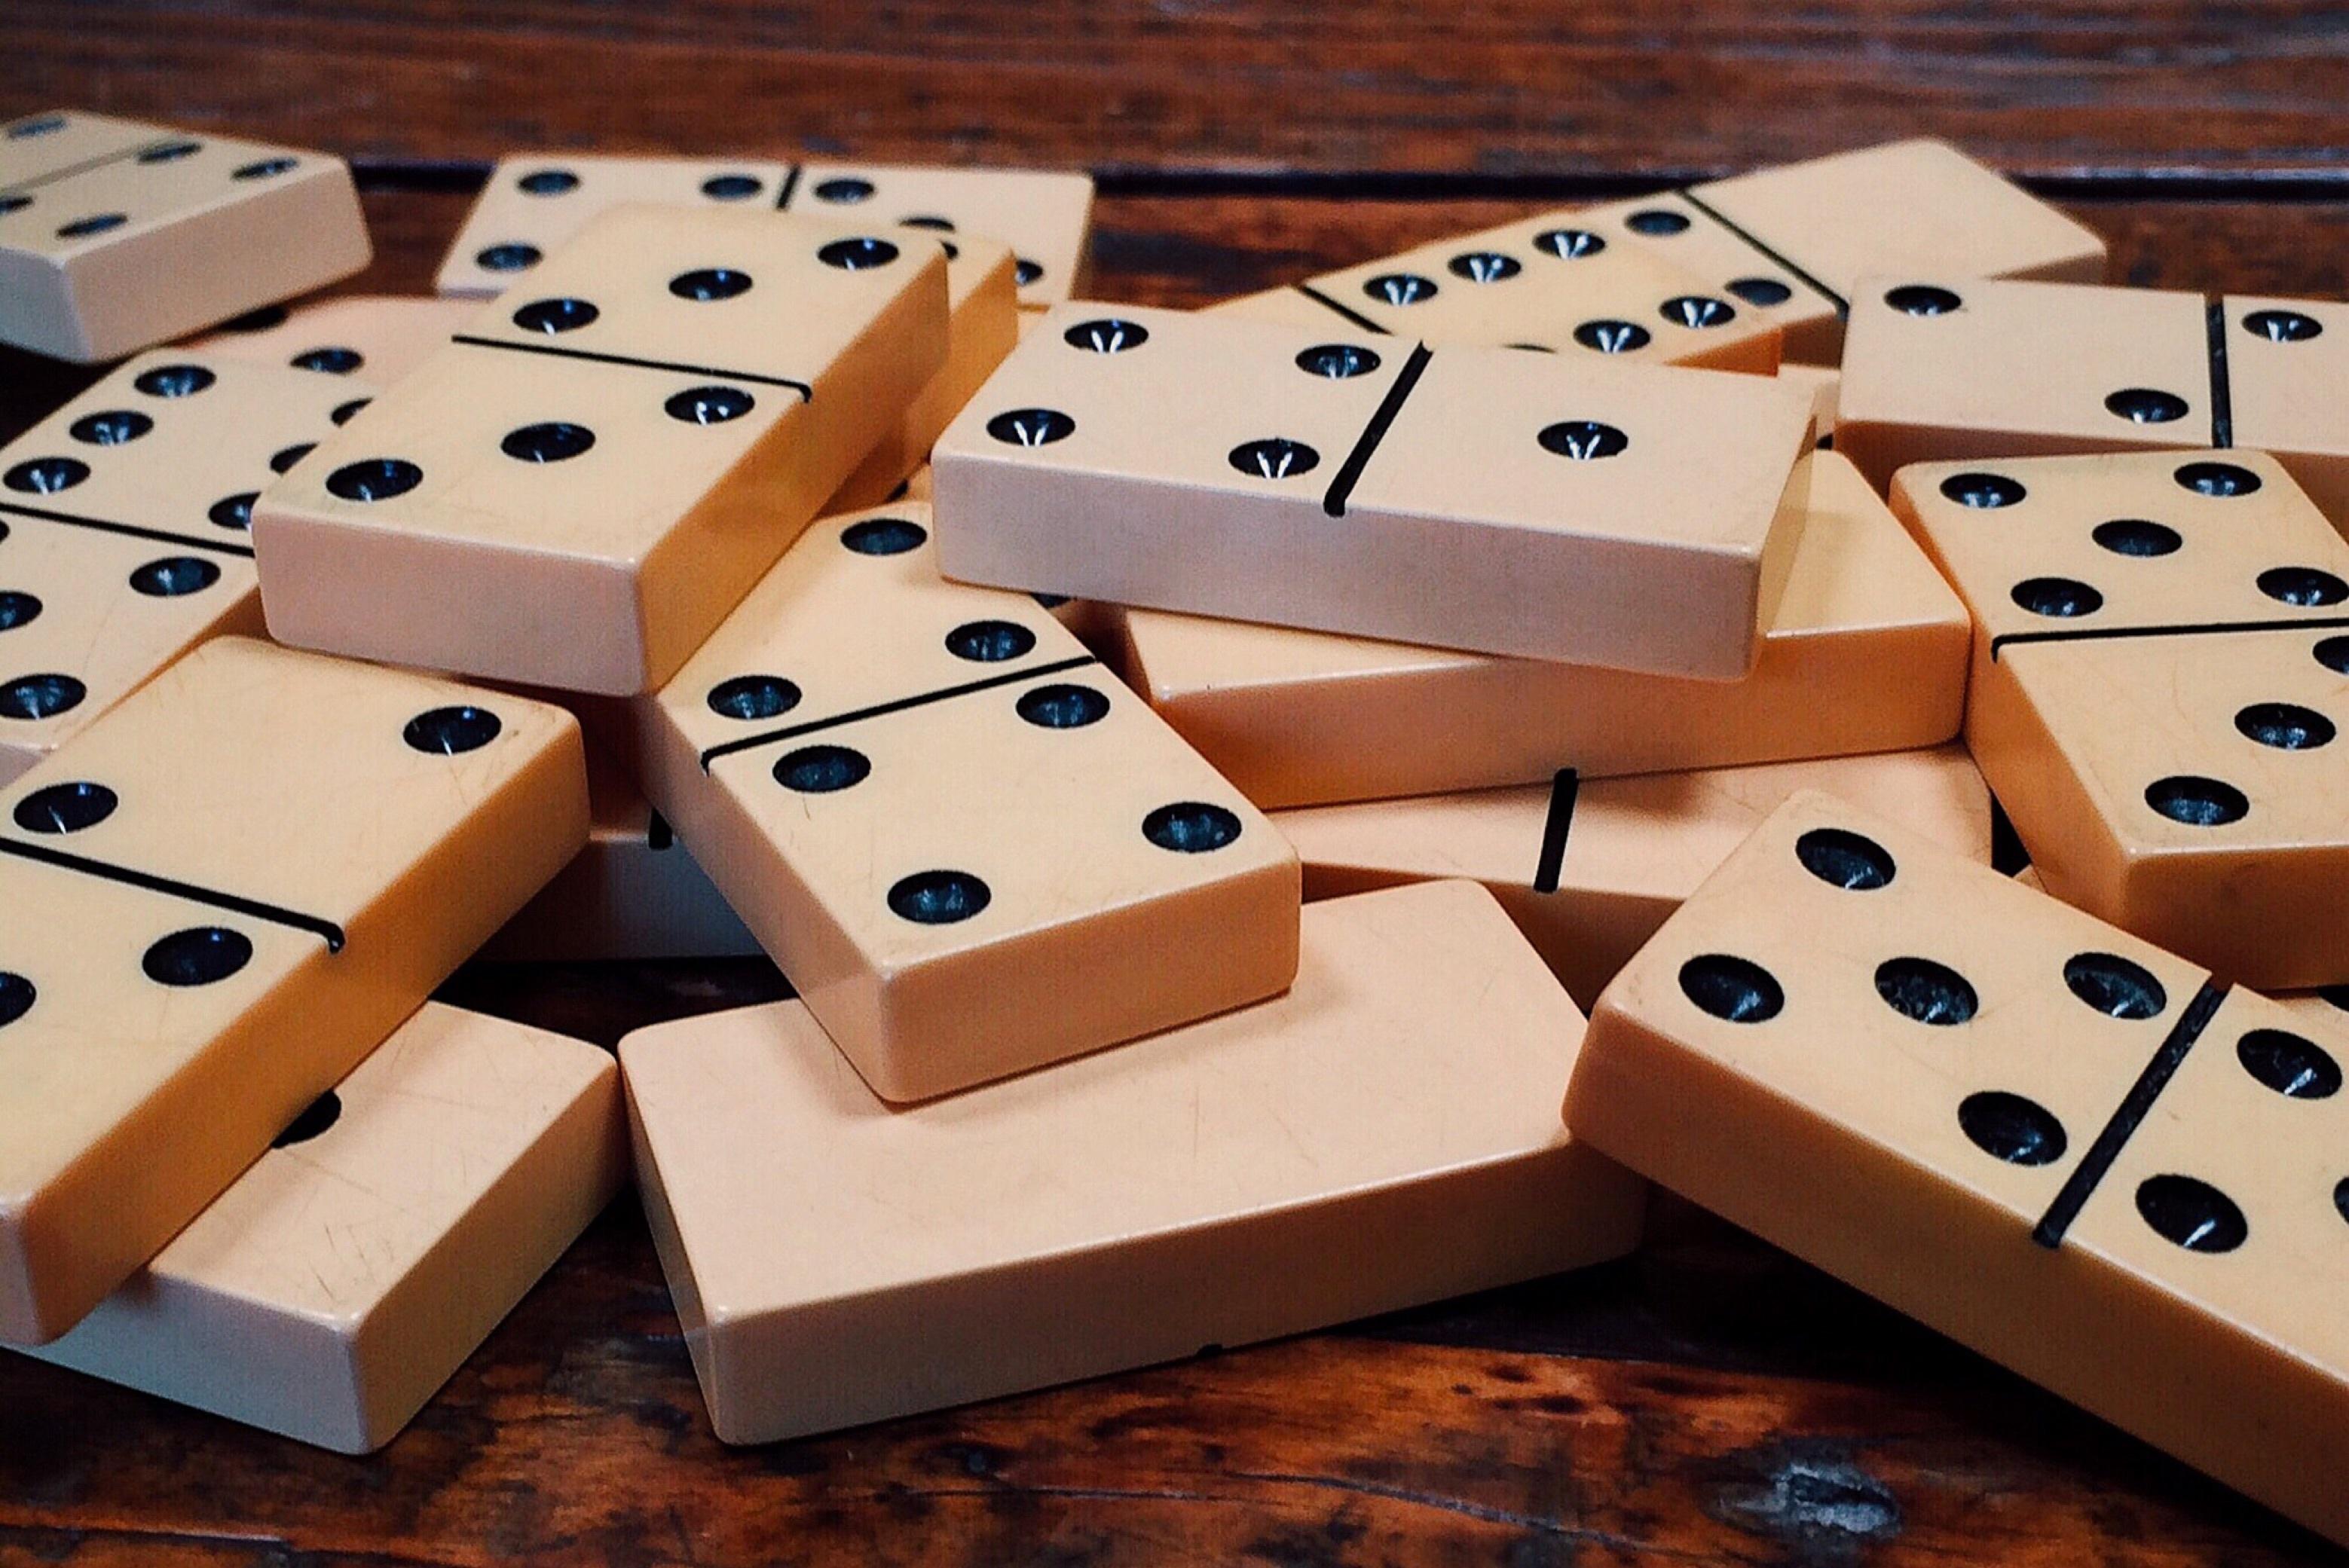 fotos gratis jugar n mero recreaci n juego de mesa